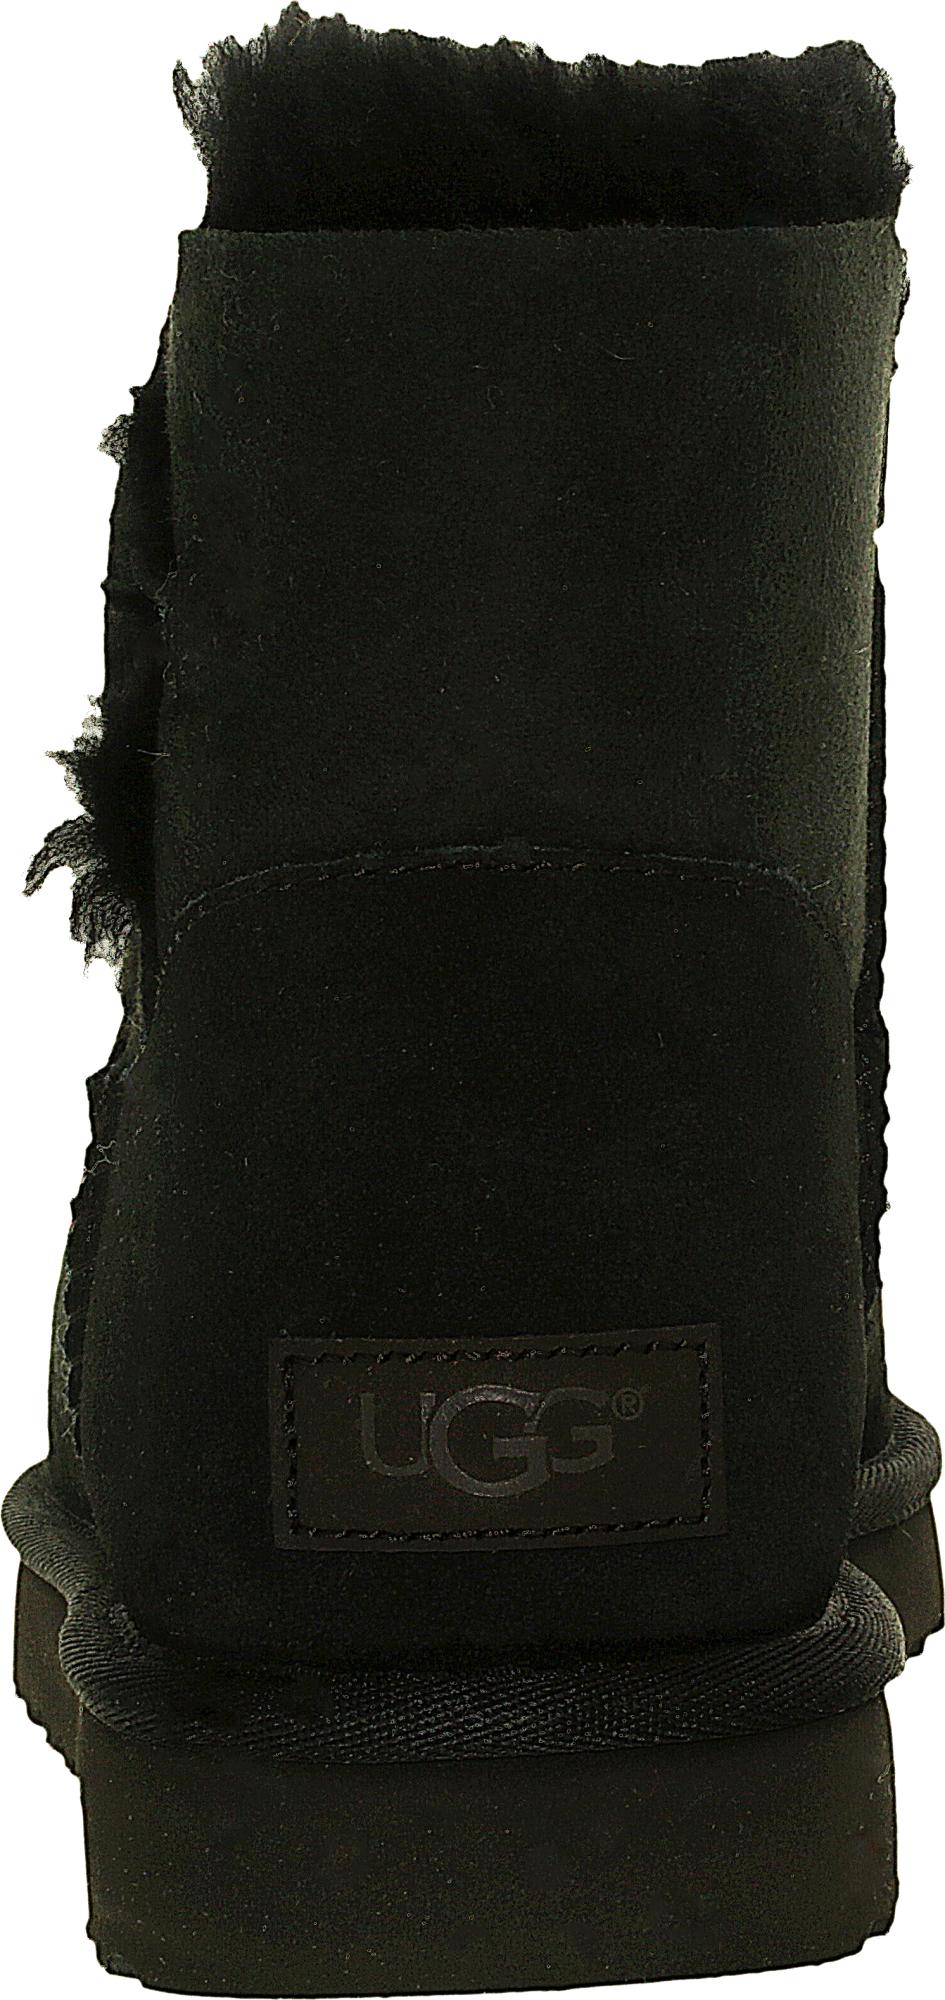 Ugg-Women-039-s-Mini-Bailey-Button-II-High-Top-Sheepskin-Boot thumbnail 6